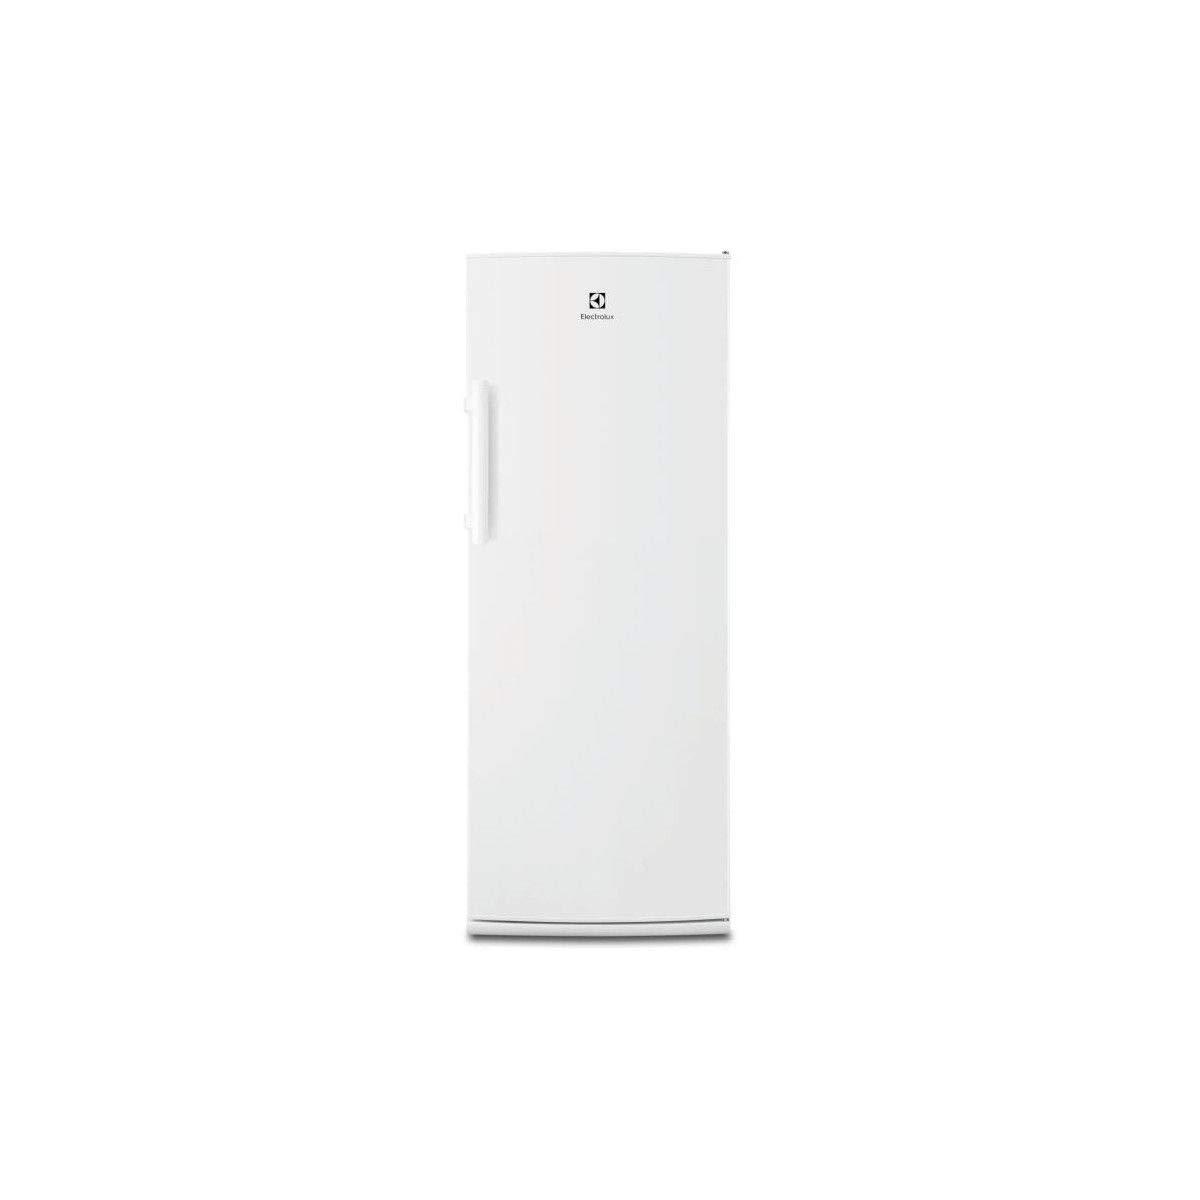 Electrolux - Congelador de Electrolux euf2208aow: Amazon.es ...